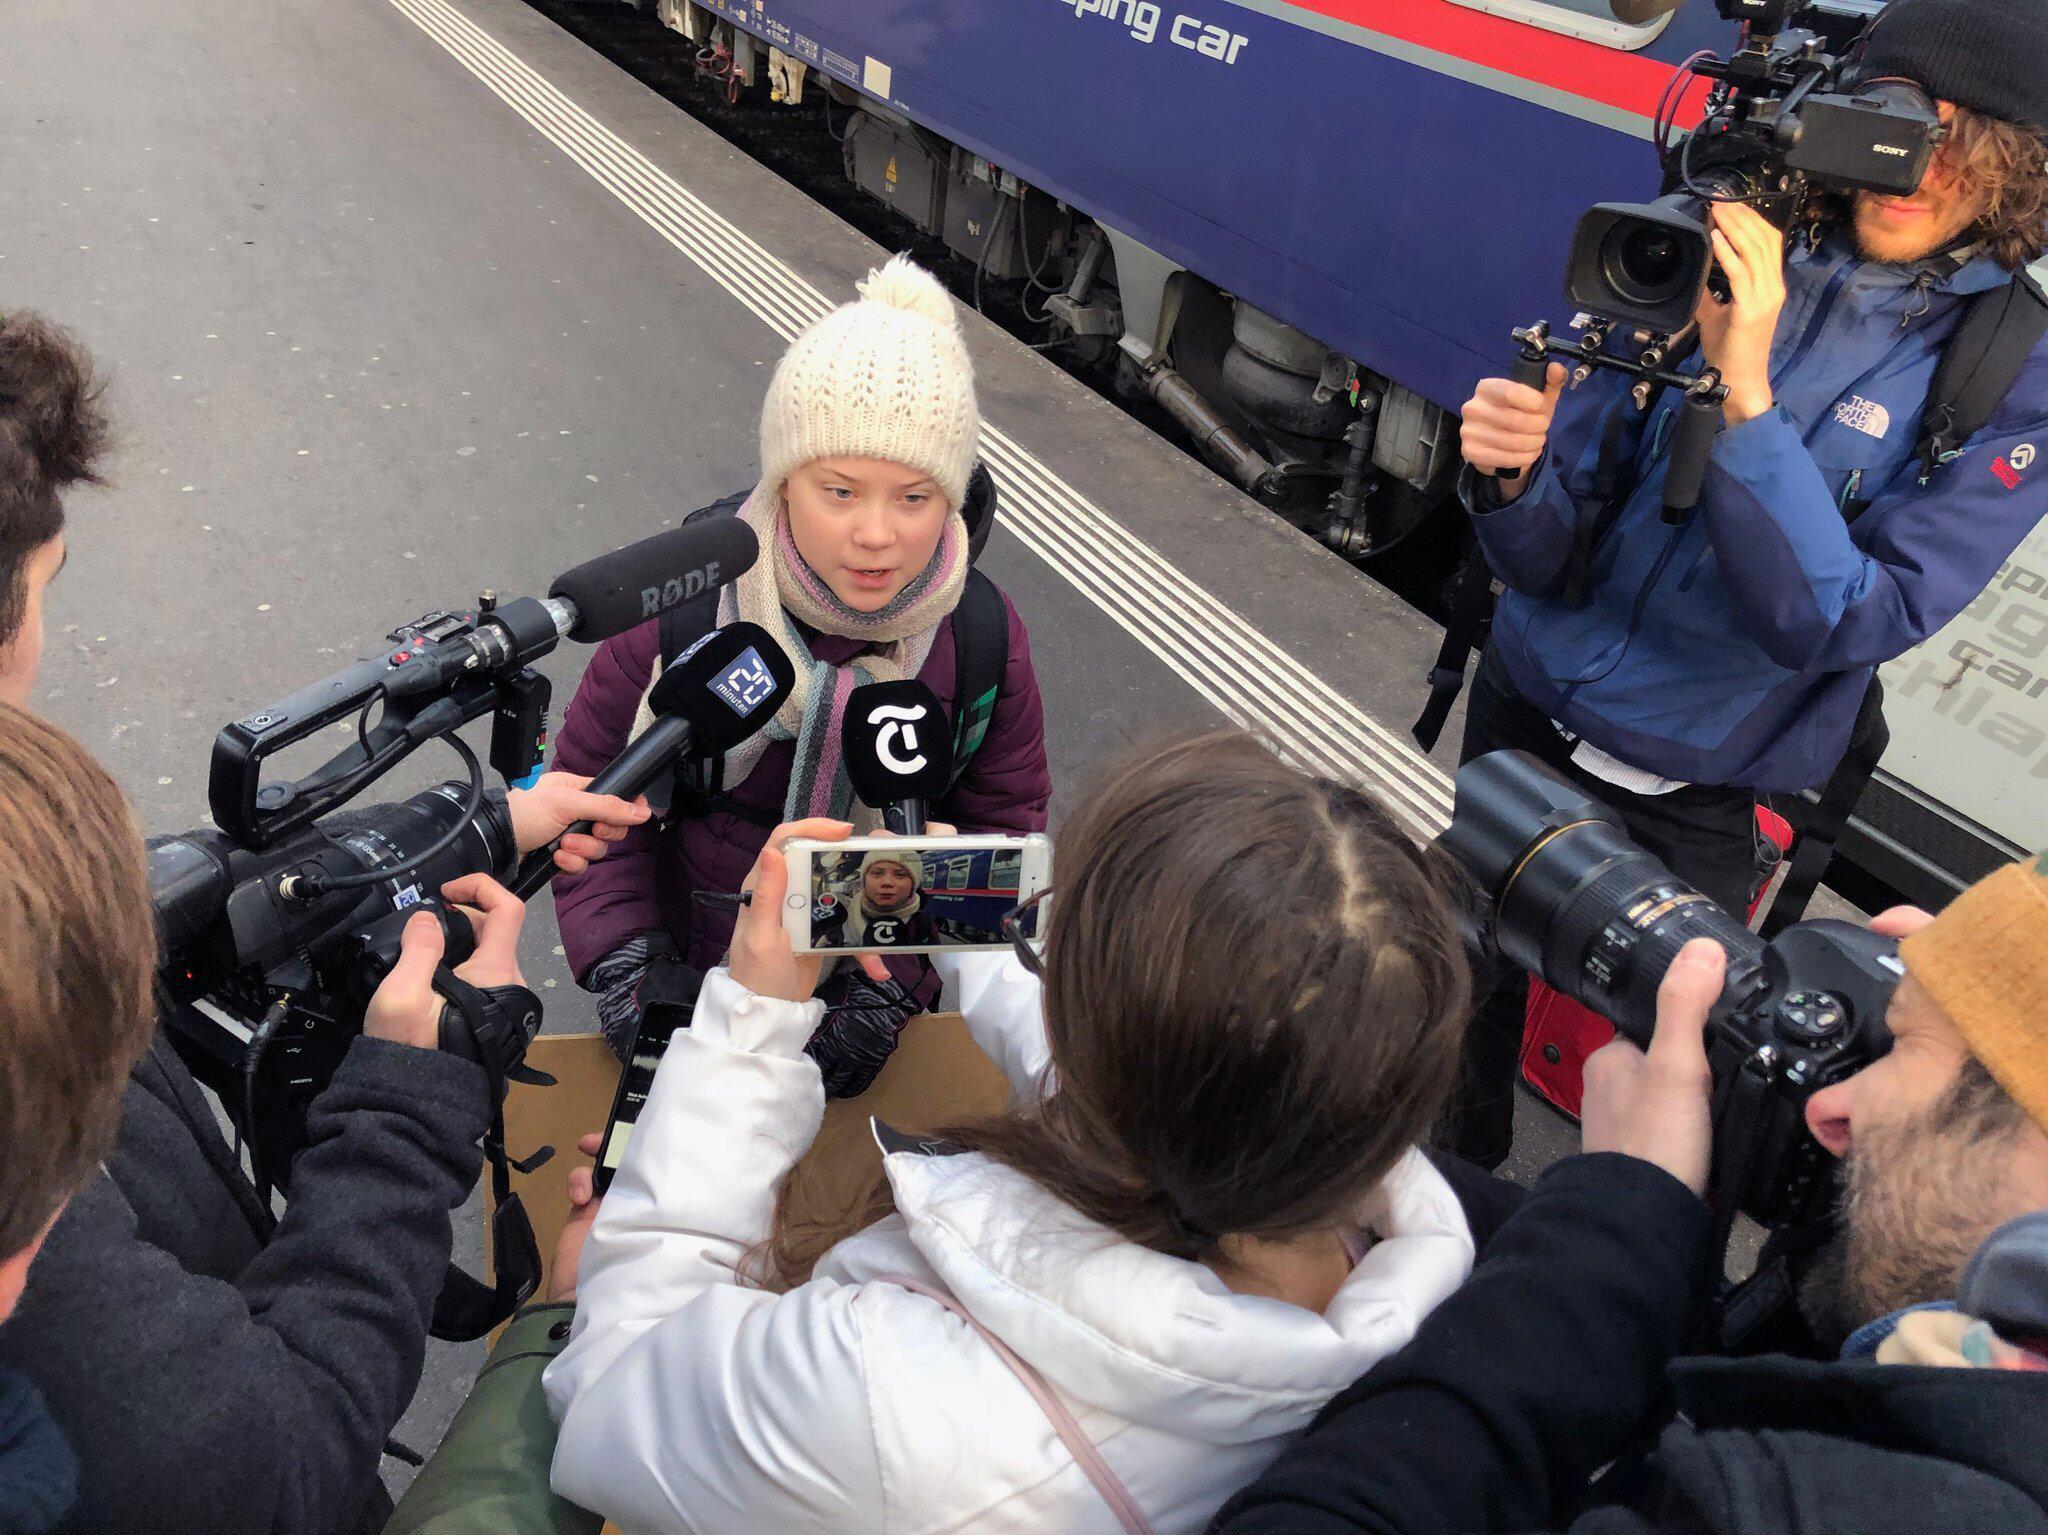 Bild zu 65 Stunden Fahrzeit: Klimaaktivistin reist mit dem Zug nach Davos